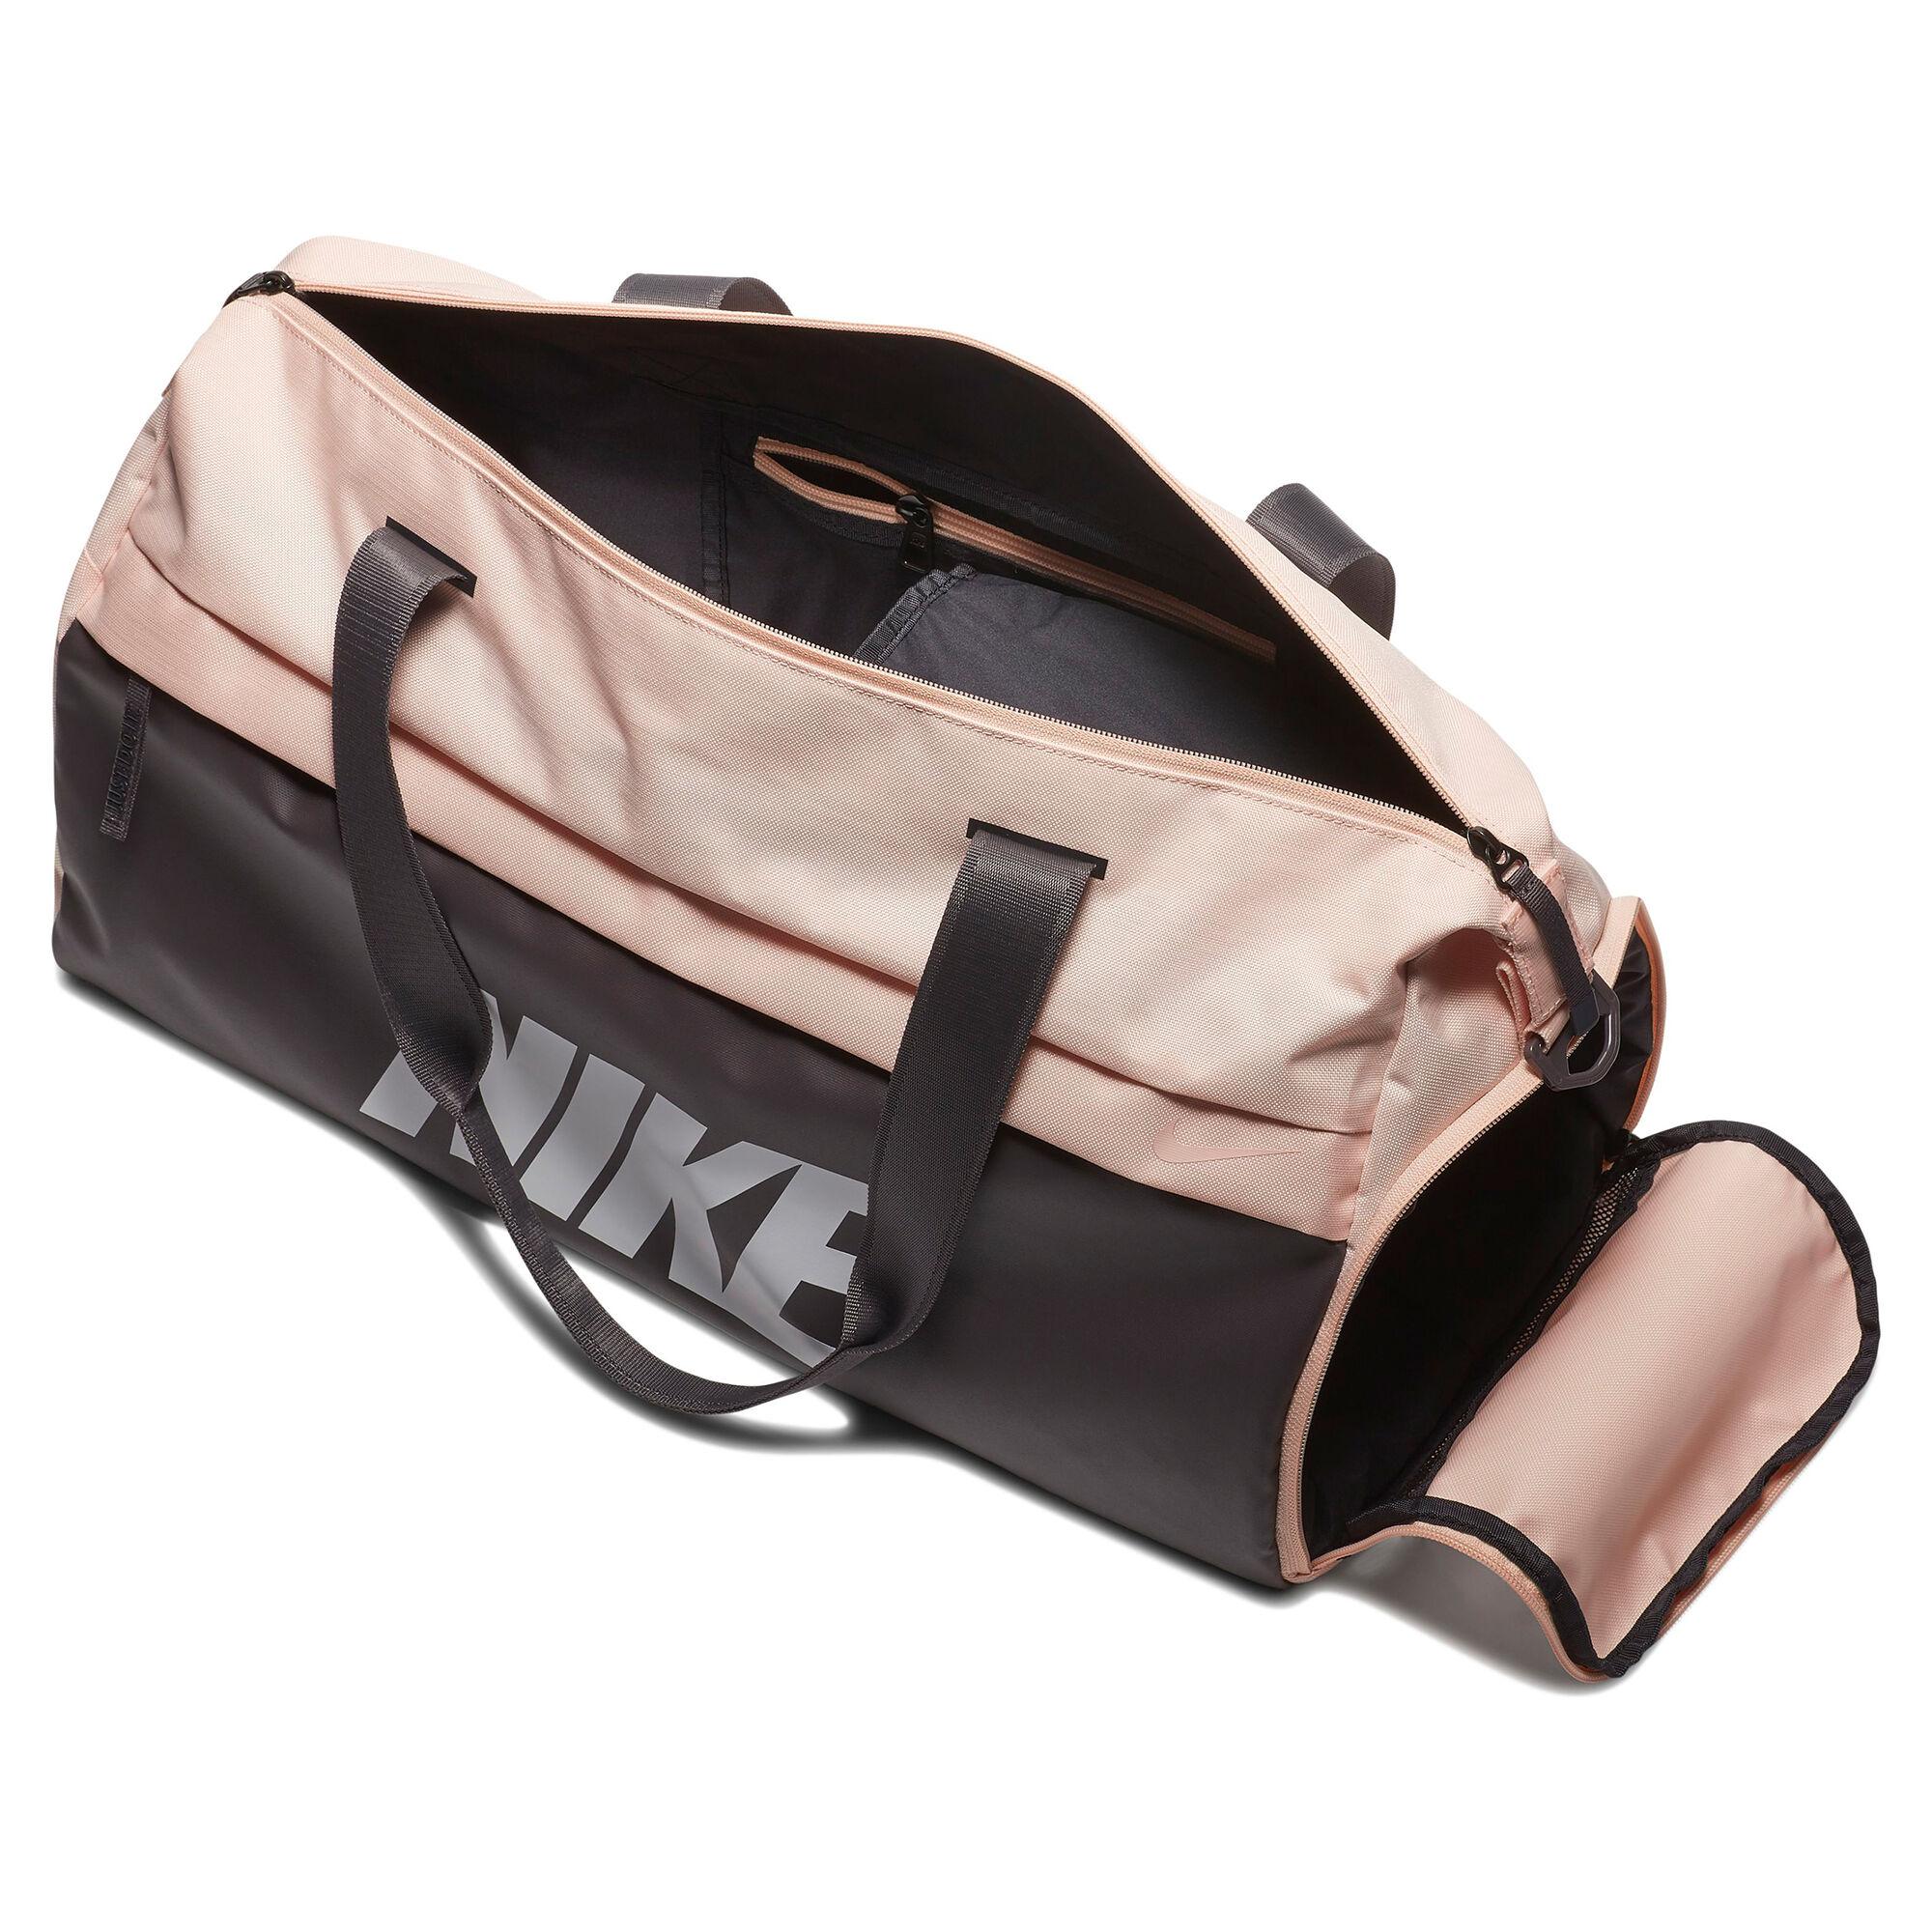 4d82c04c1919a Nike Radiate Graphic Club Duffel Sporttasche - Rosa